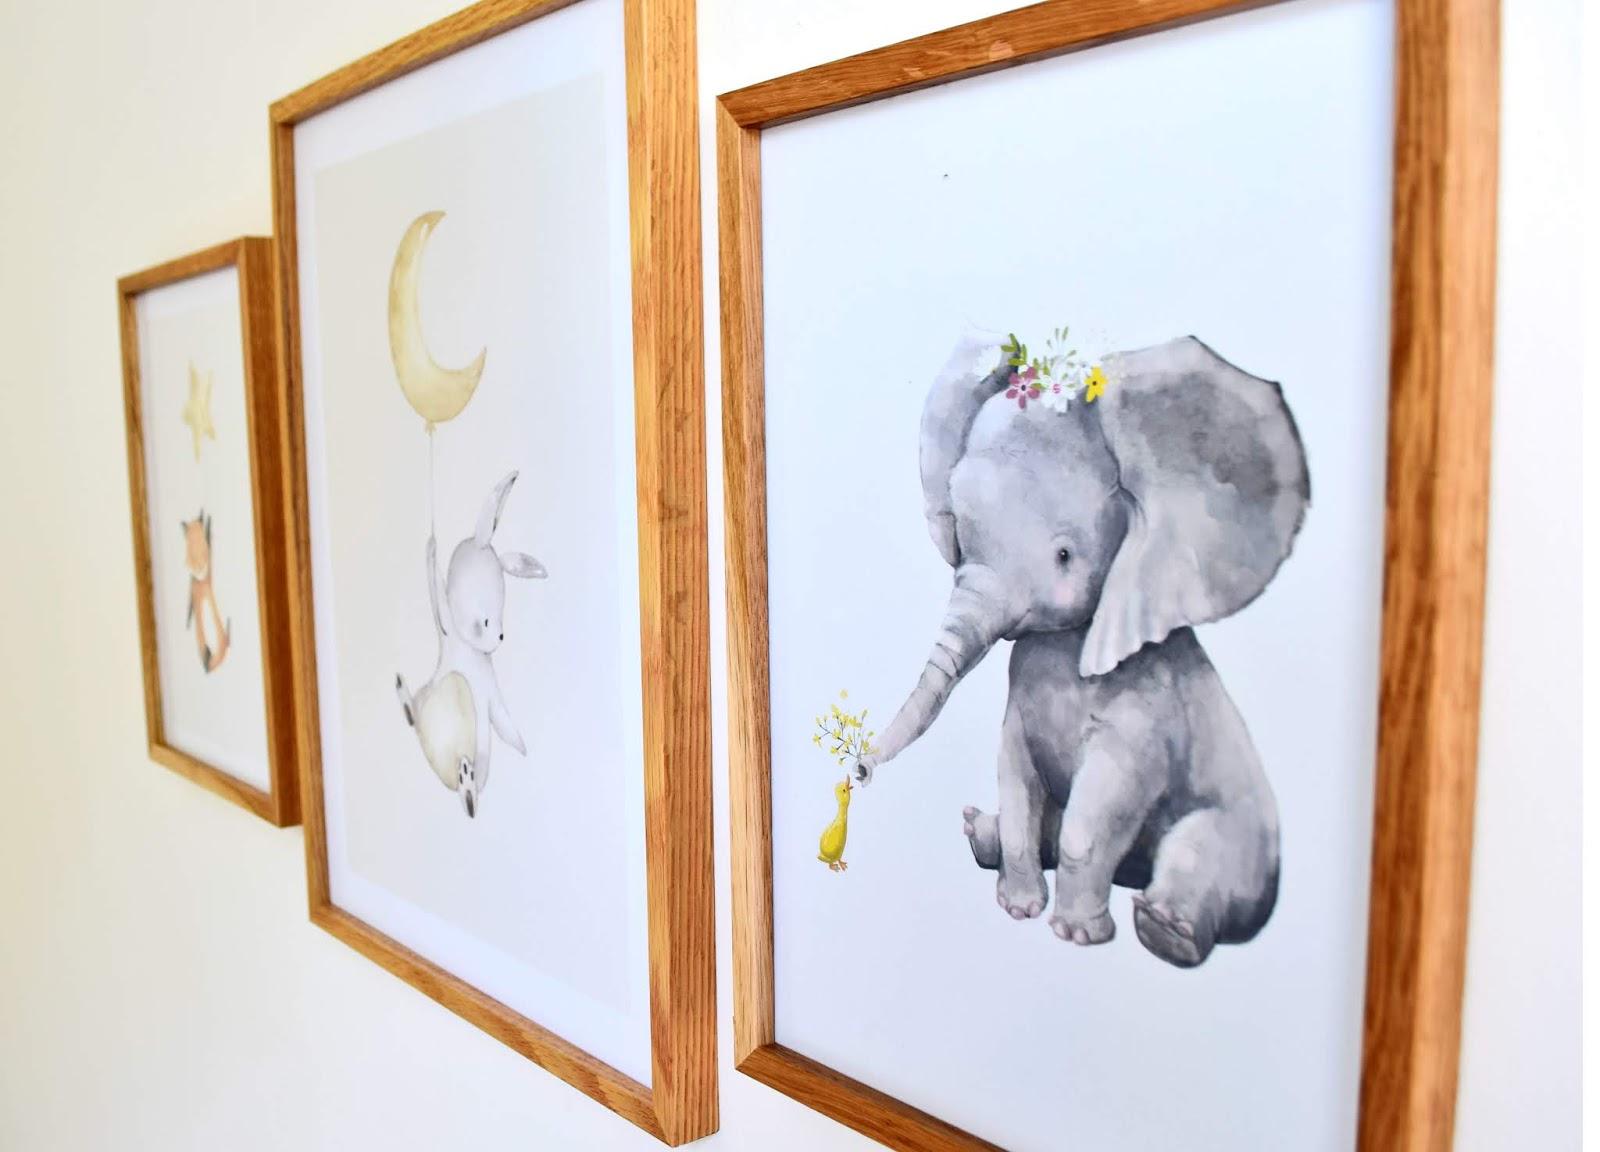 Obrazki w pokoju dziecięcycm